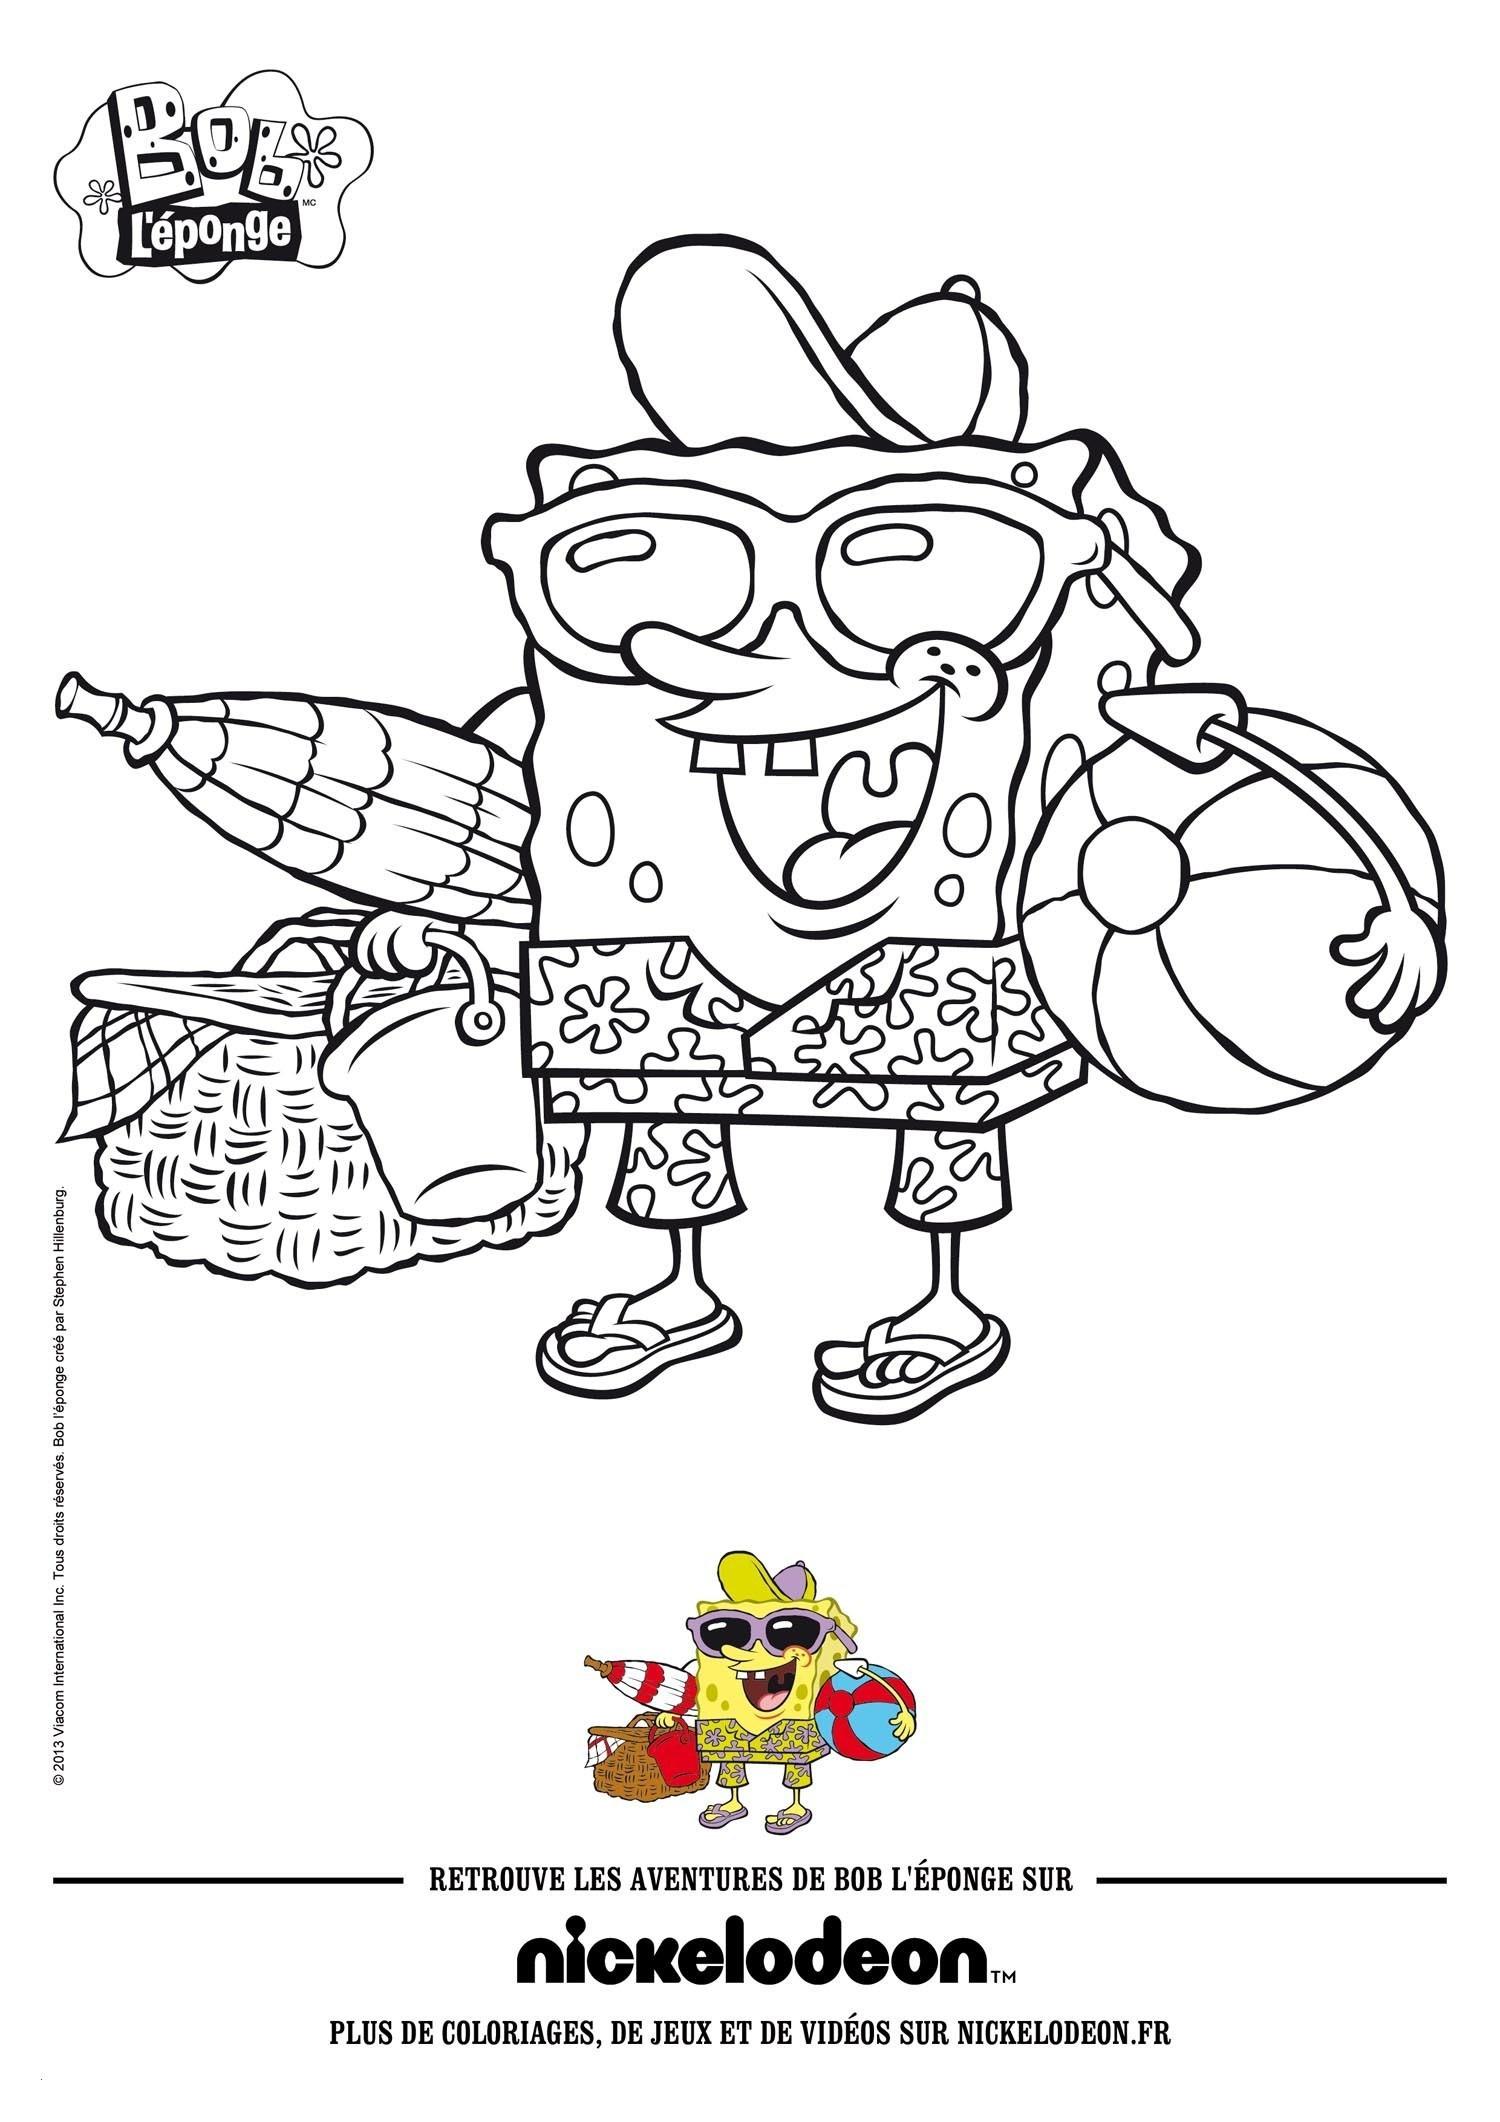 Spongebob Bilder Zum Ausmalen Das Beste Von Spongebob Artwork Feinste 40 Spongebob Und Patrick Ausmalbilder Bilder